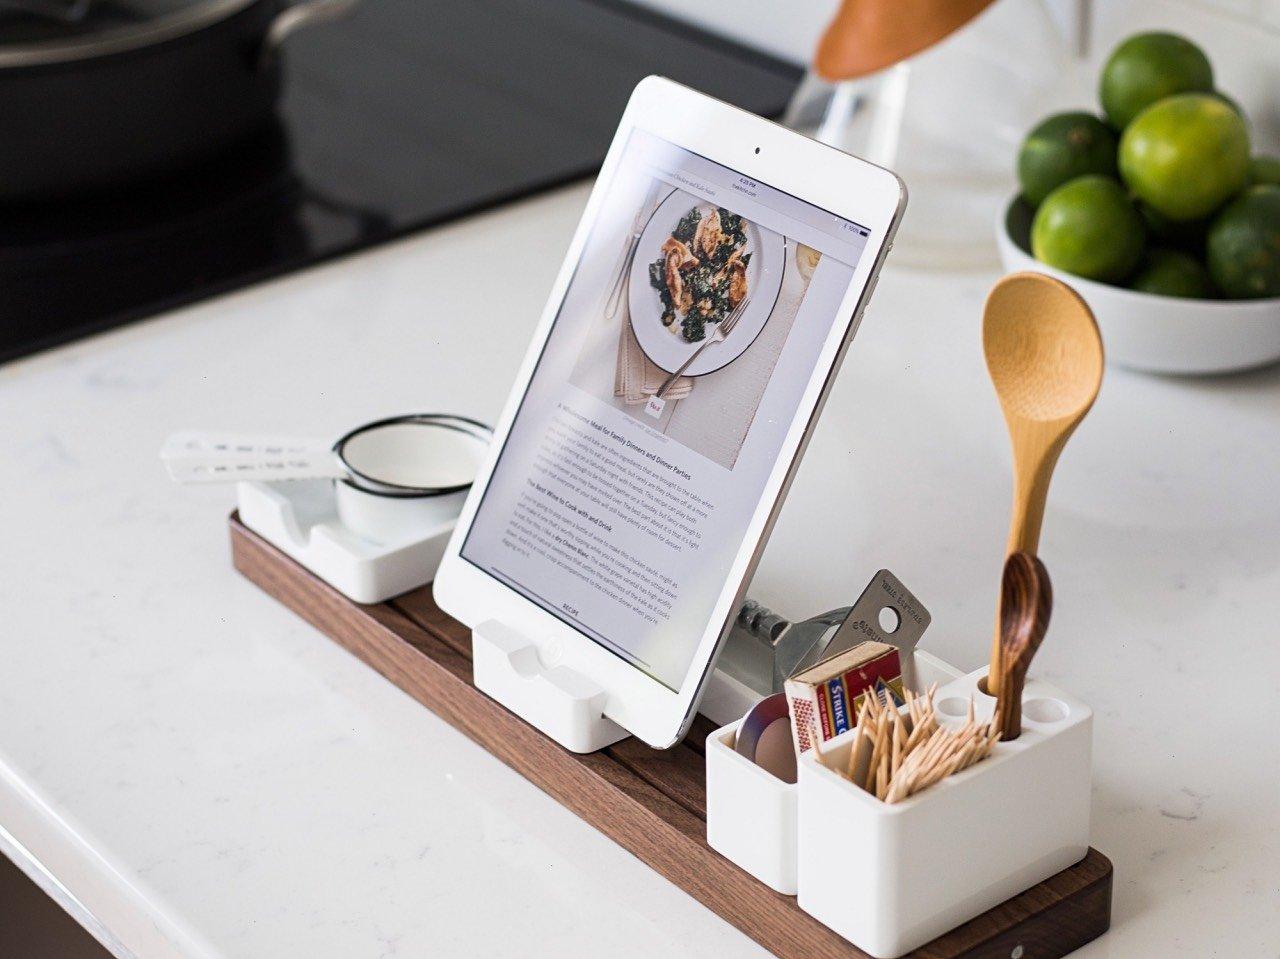 In cucina - Gluten Free Esperta: chi e cosa fa - foto jeff sheldon unsplash